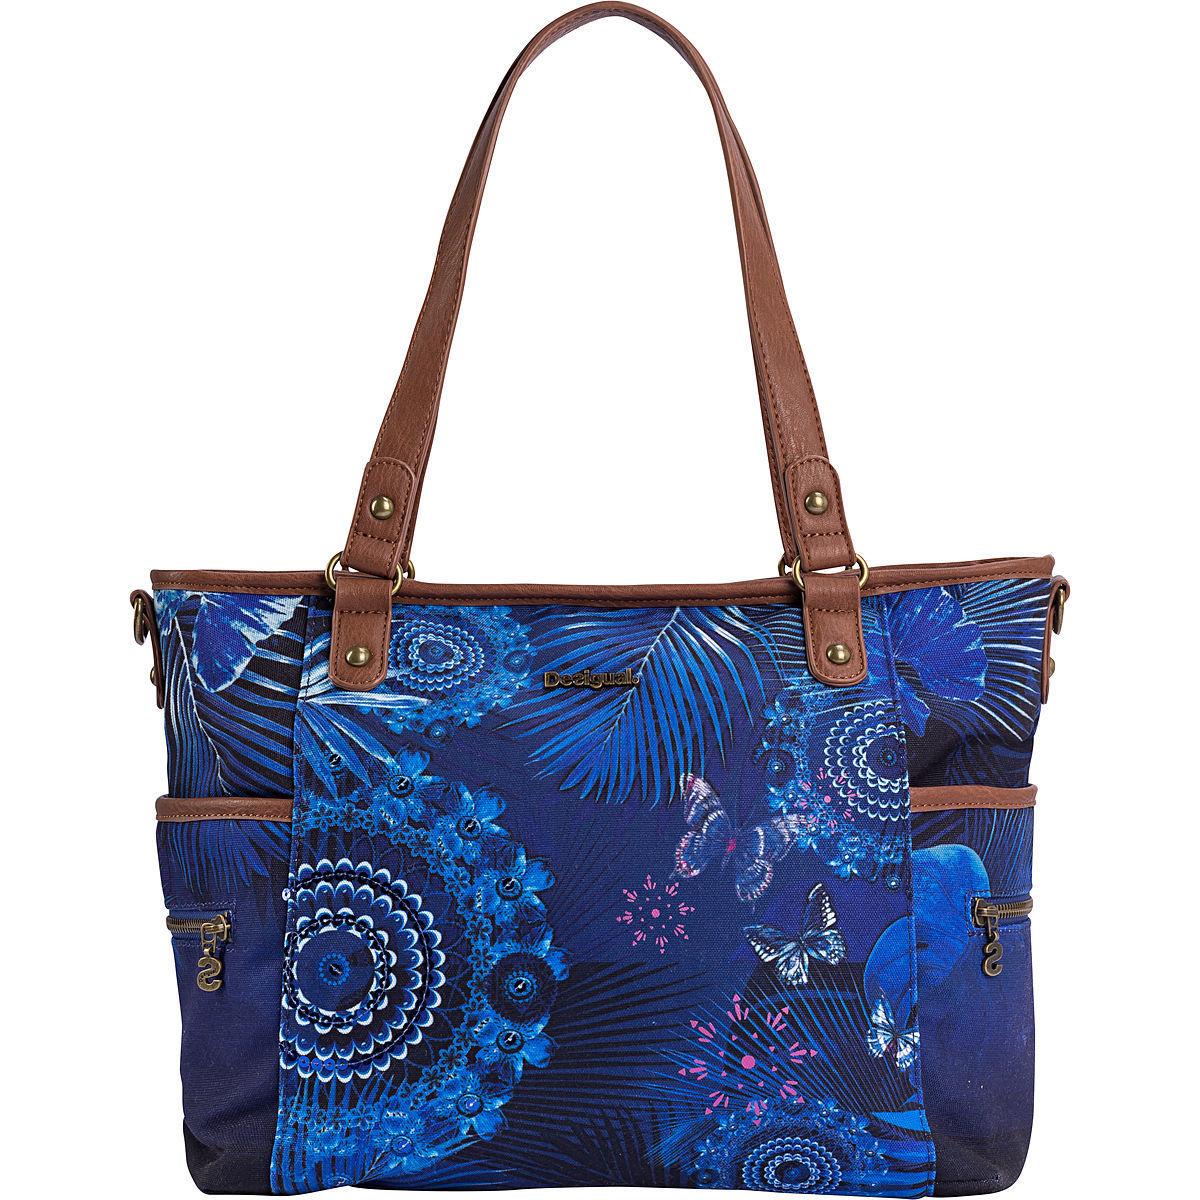 Bild 1 von Desigual Damen Handtasche